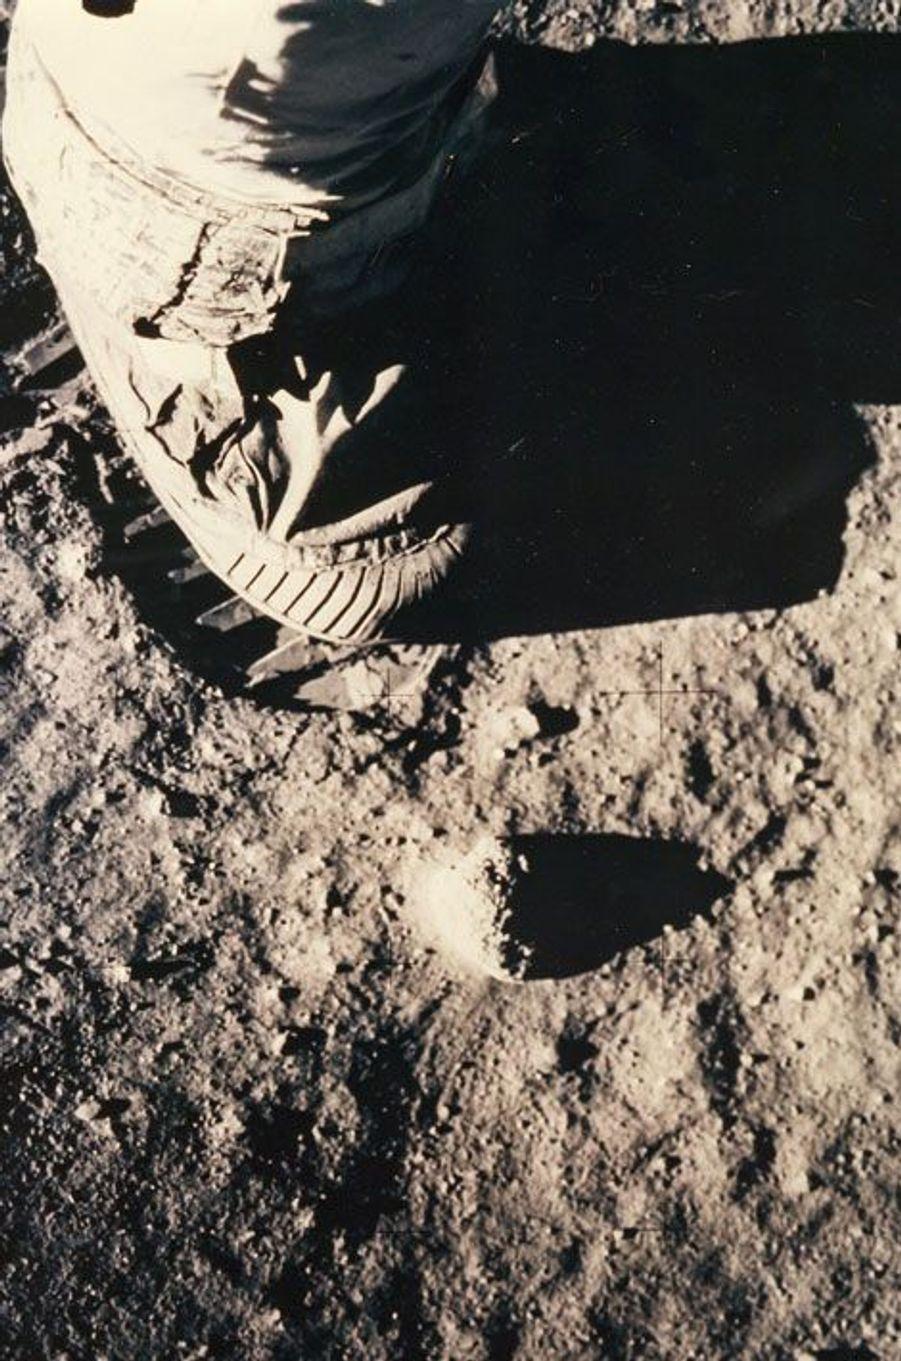 La botte de Buzz Aldrin et la trace laissée sur son passage